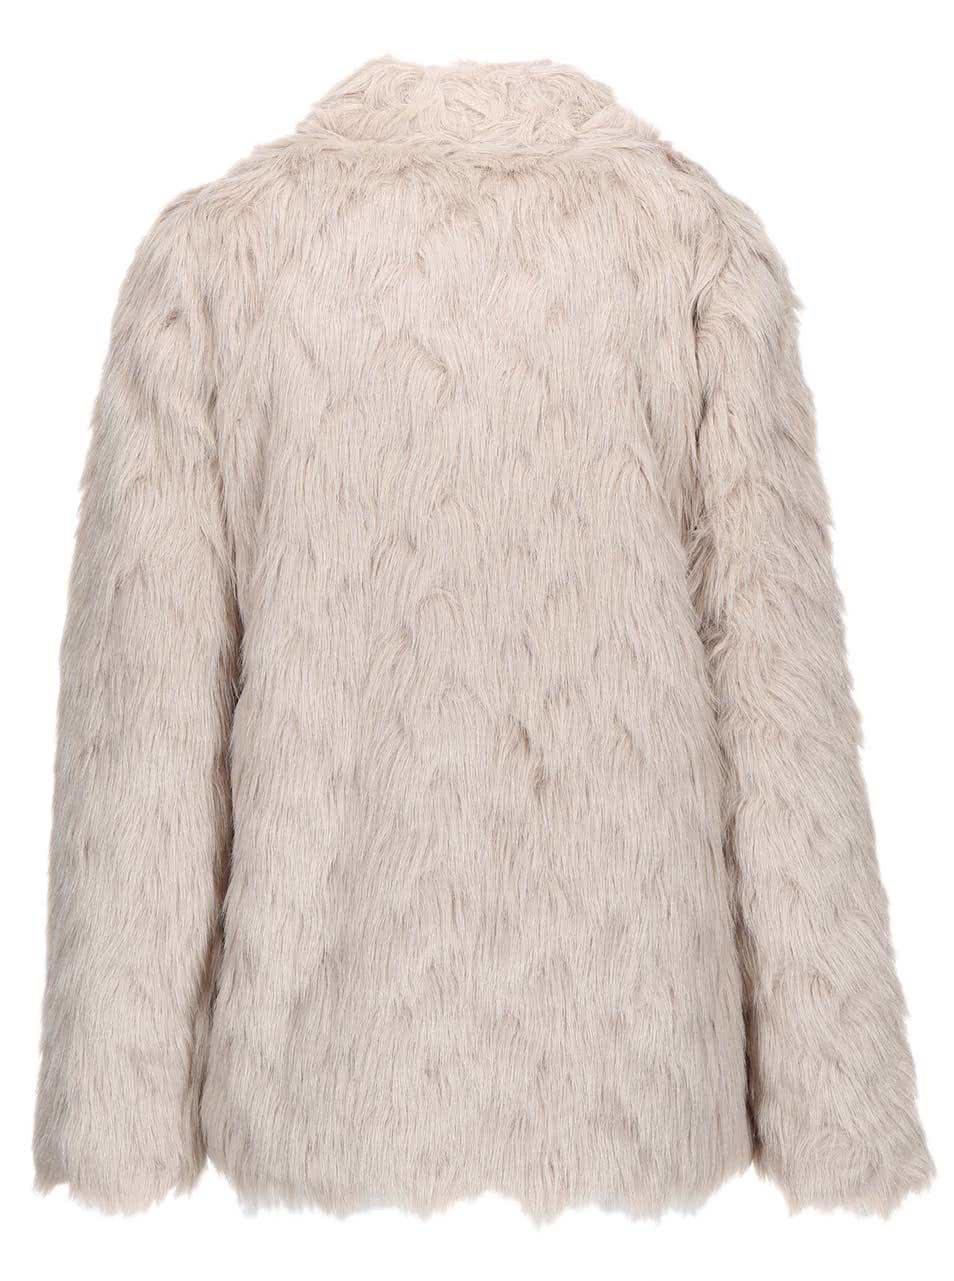 382b0b9a2252 Béžový kabát z umelej kožušiny Dorothy Perkins ...